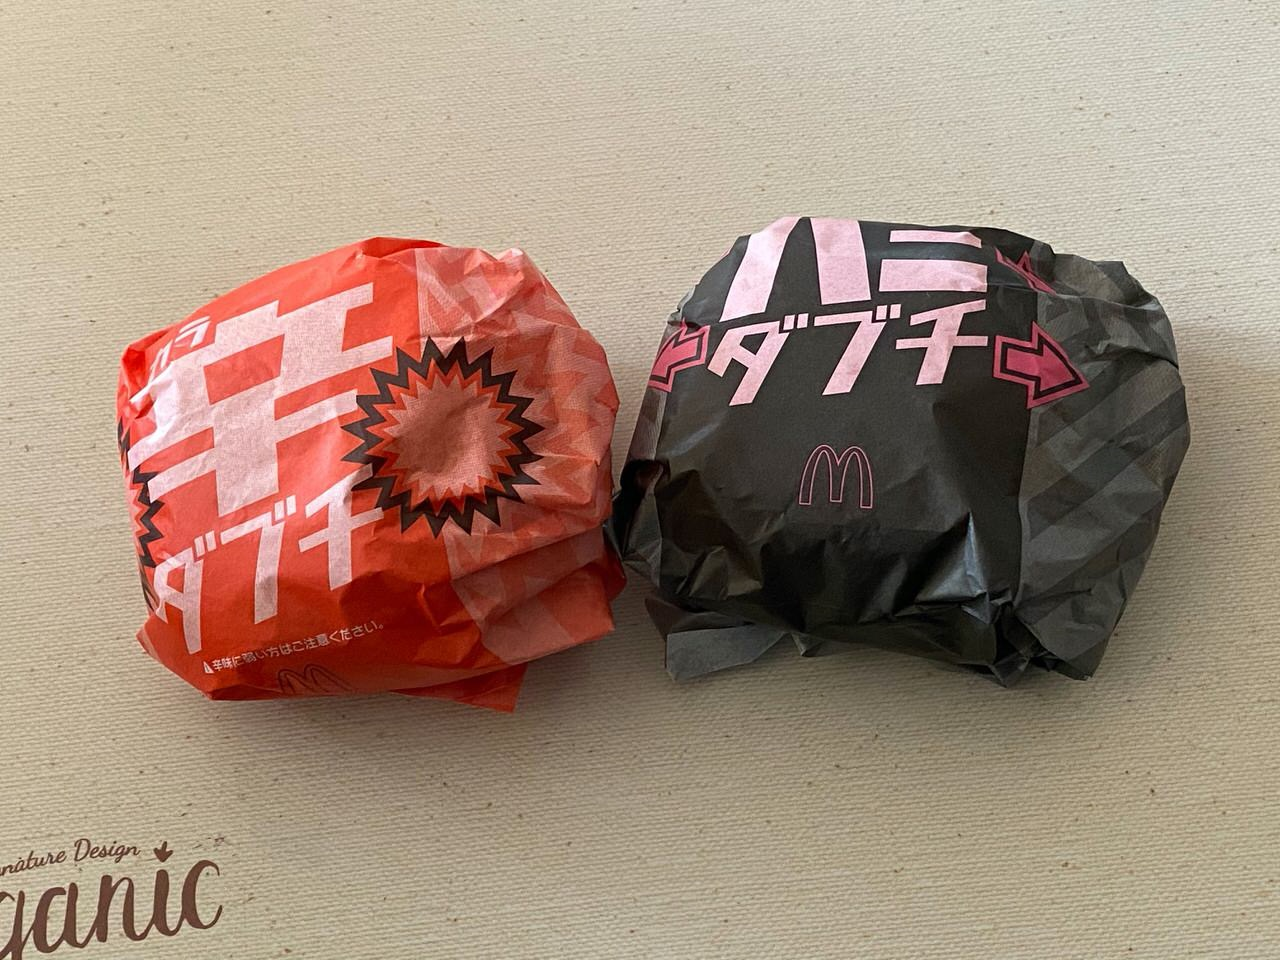 【マクドナルド】ヤベェよ、辛ダブチ!辛いバーガーとしては過去最高の出来!?「辛ダブチ」「ハミダブチ」食べてみた